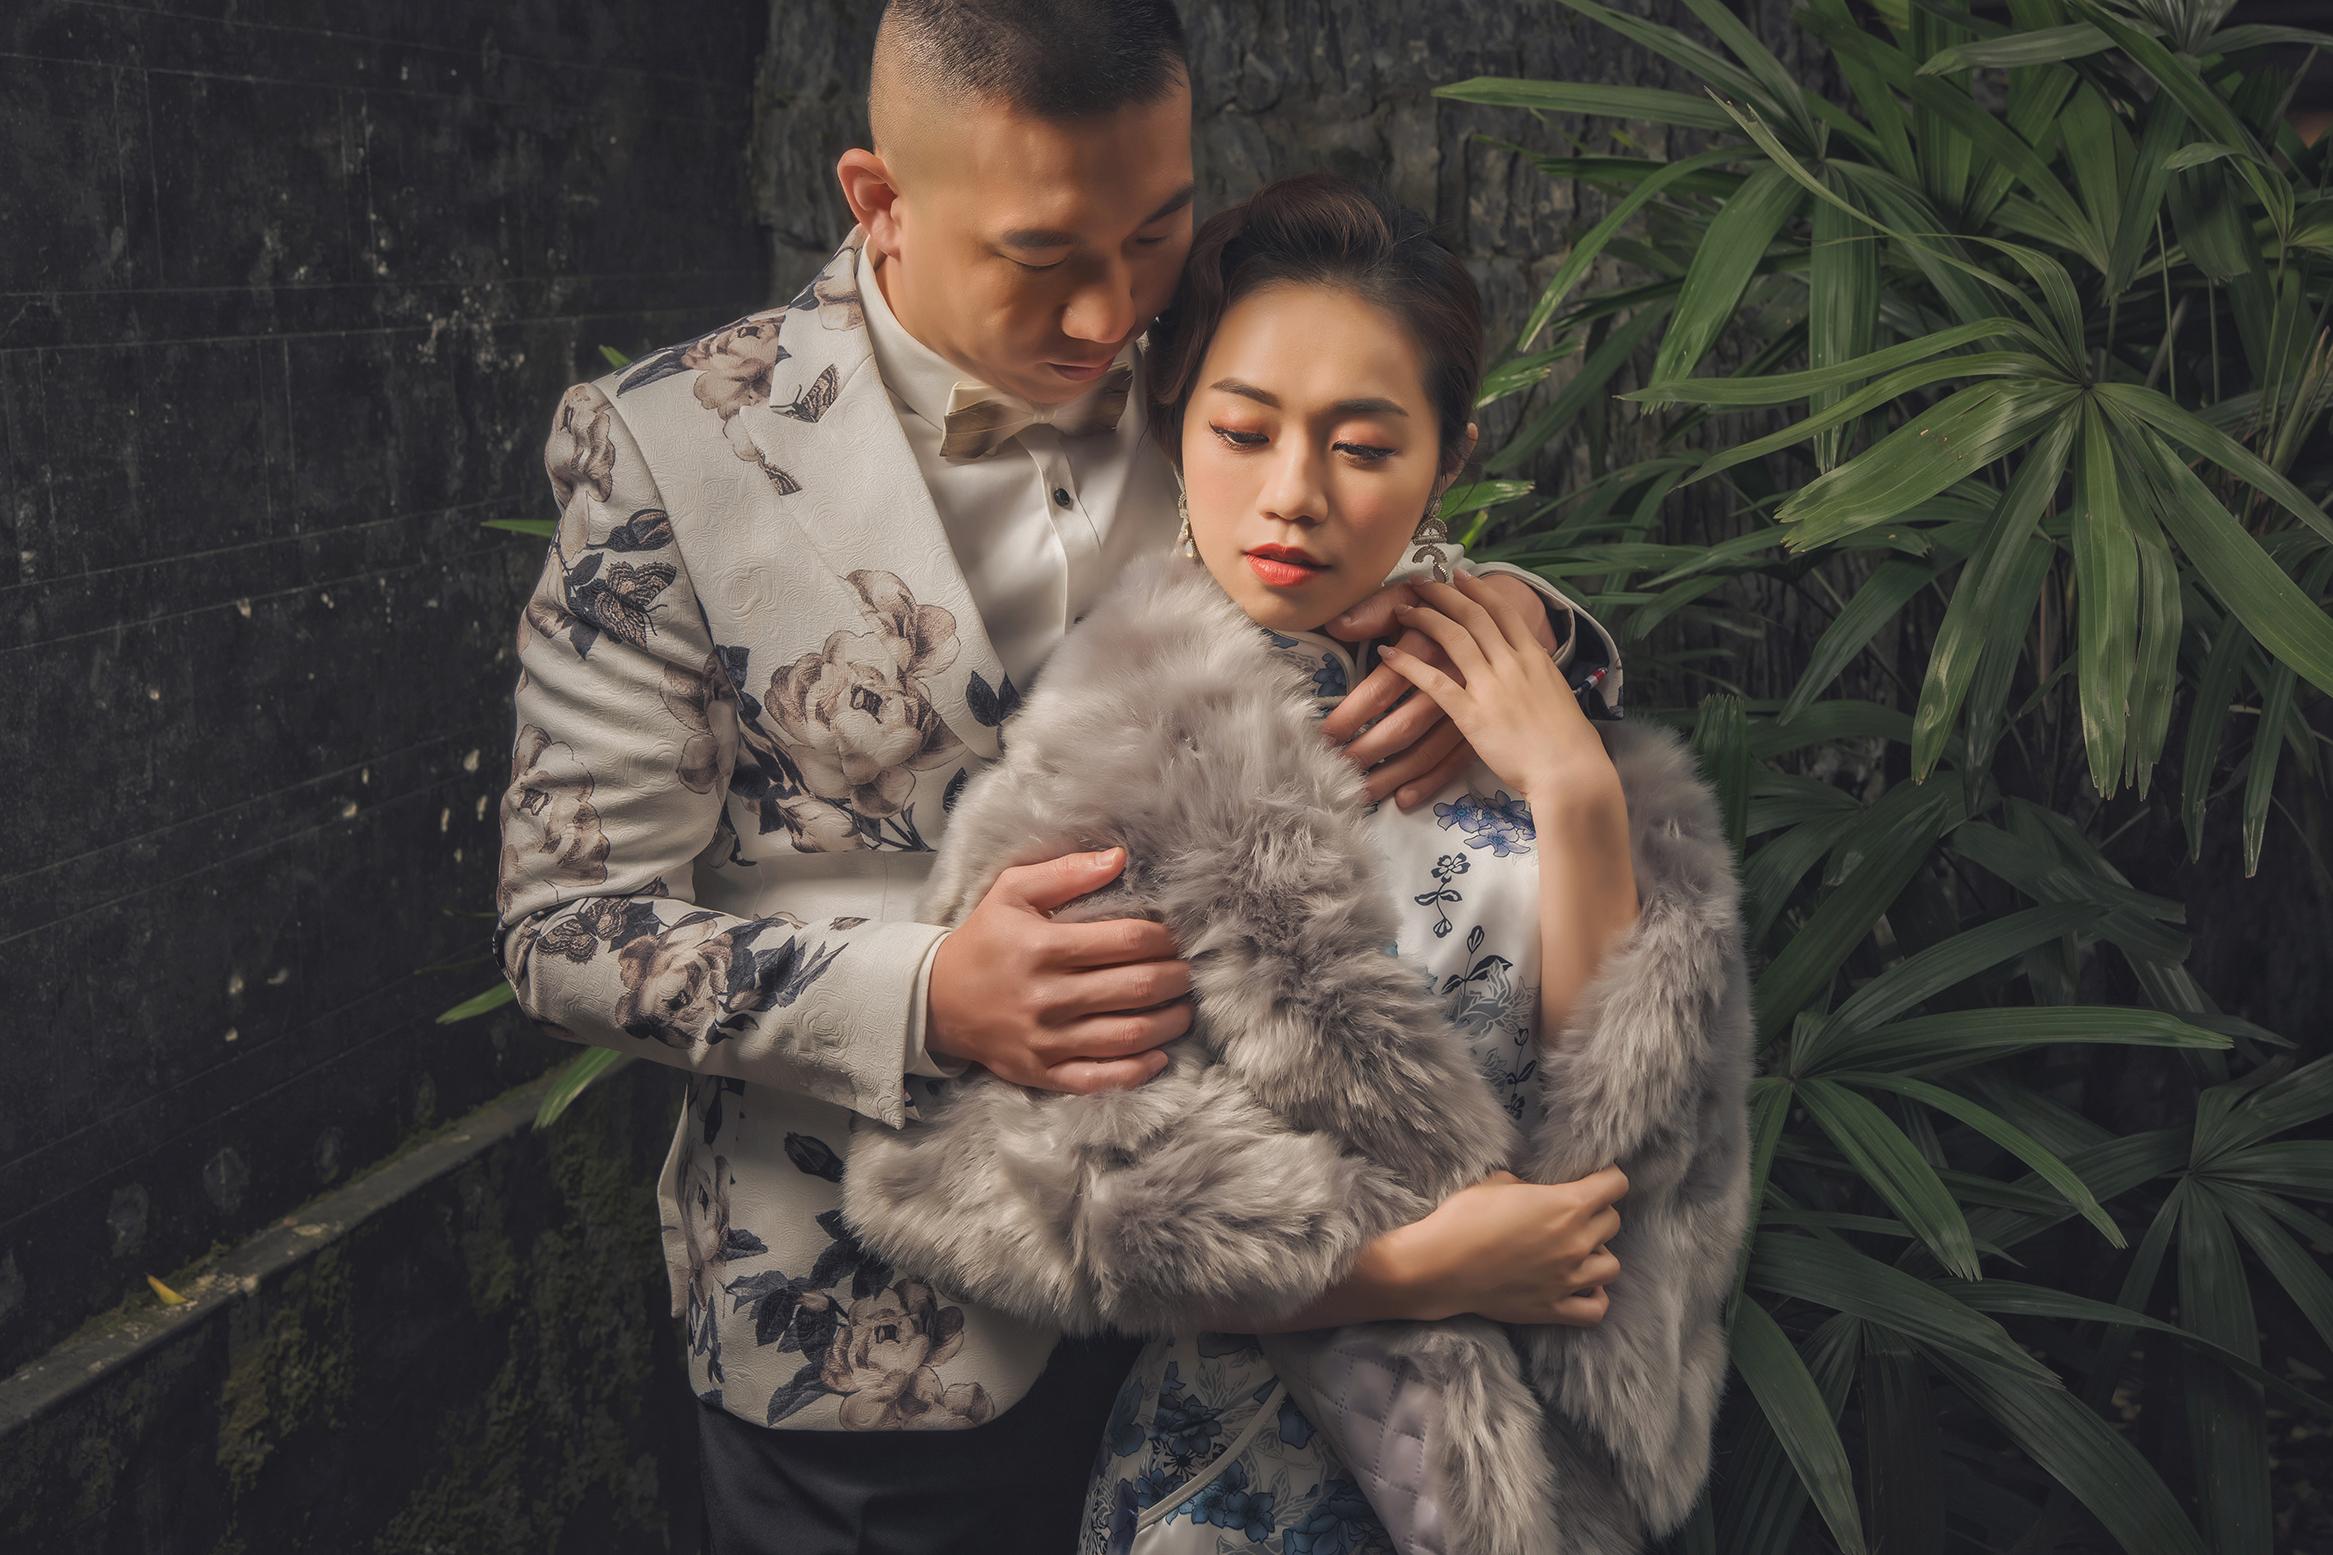 婚紗攝影 家豪&于甄 婚紗照